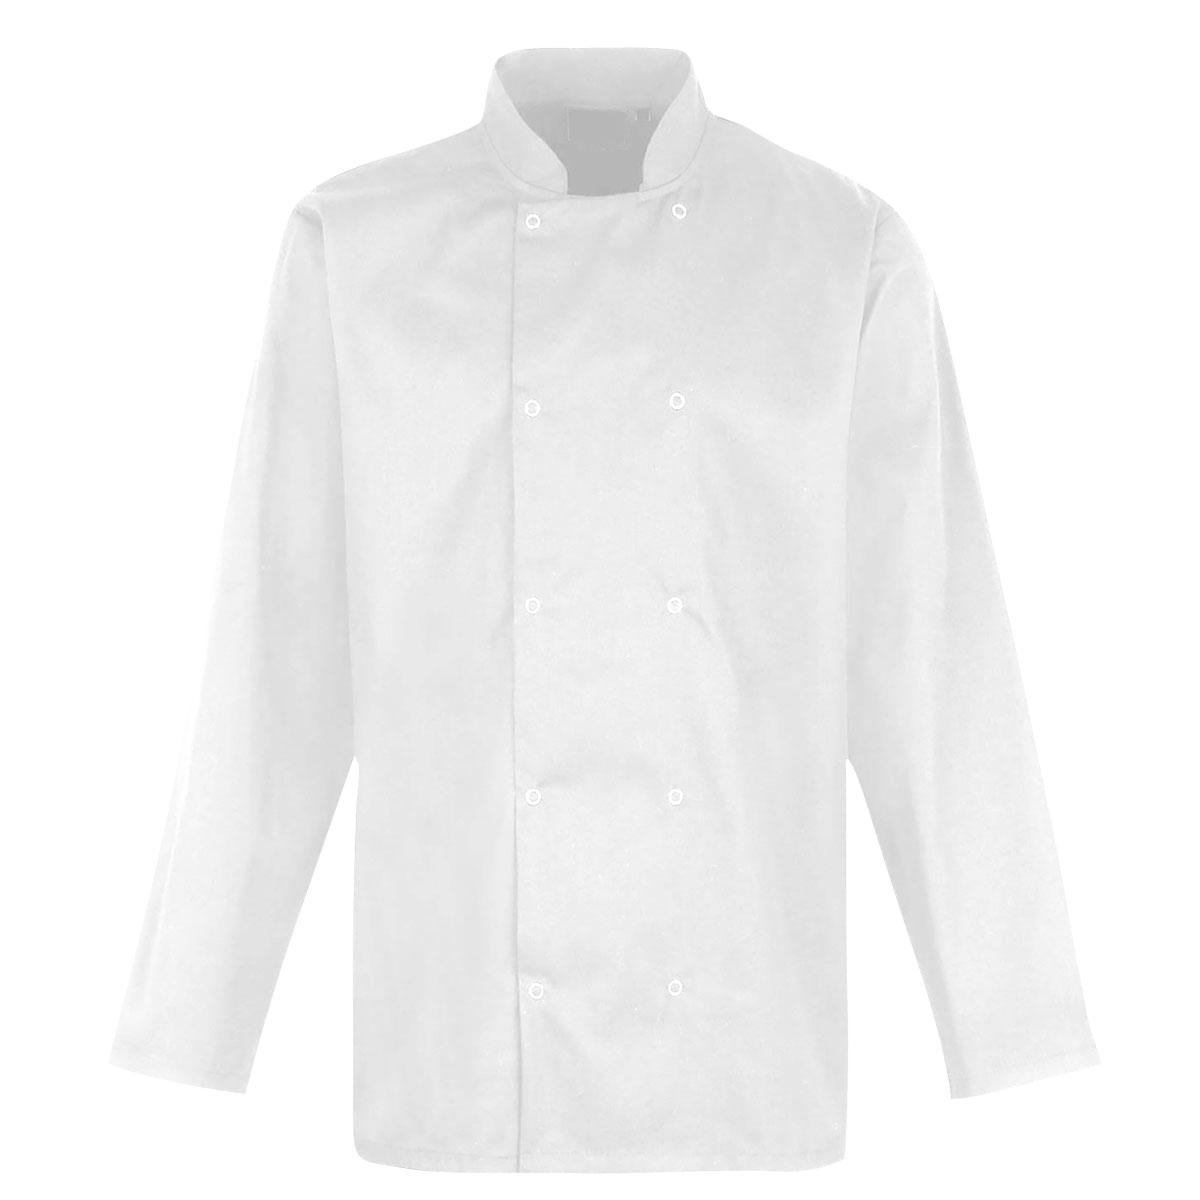 Value Chefs Jacket Unisex Long Sleeve - CCJ2-White